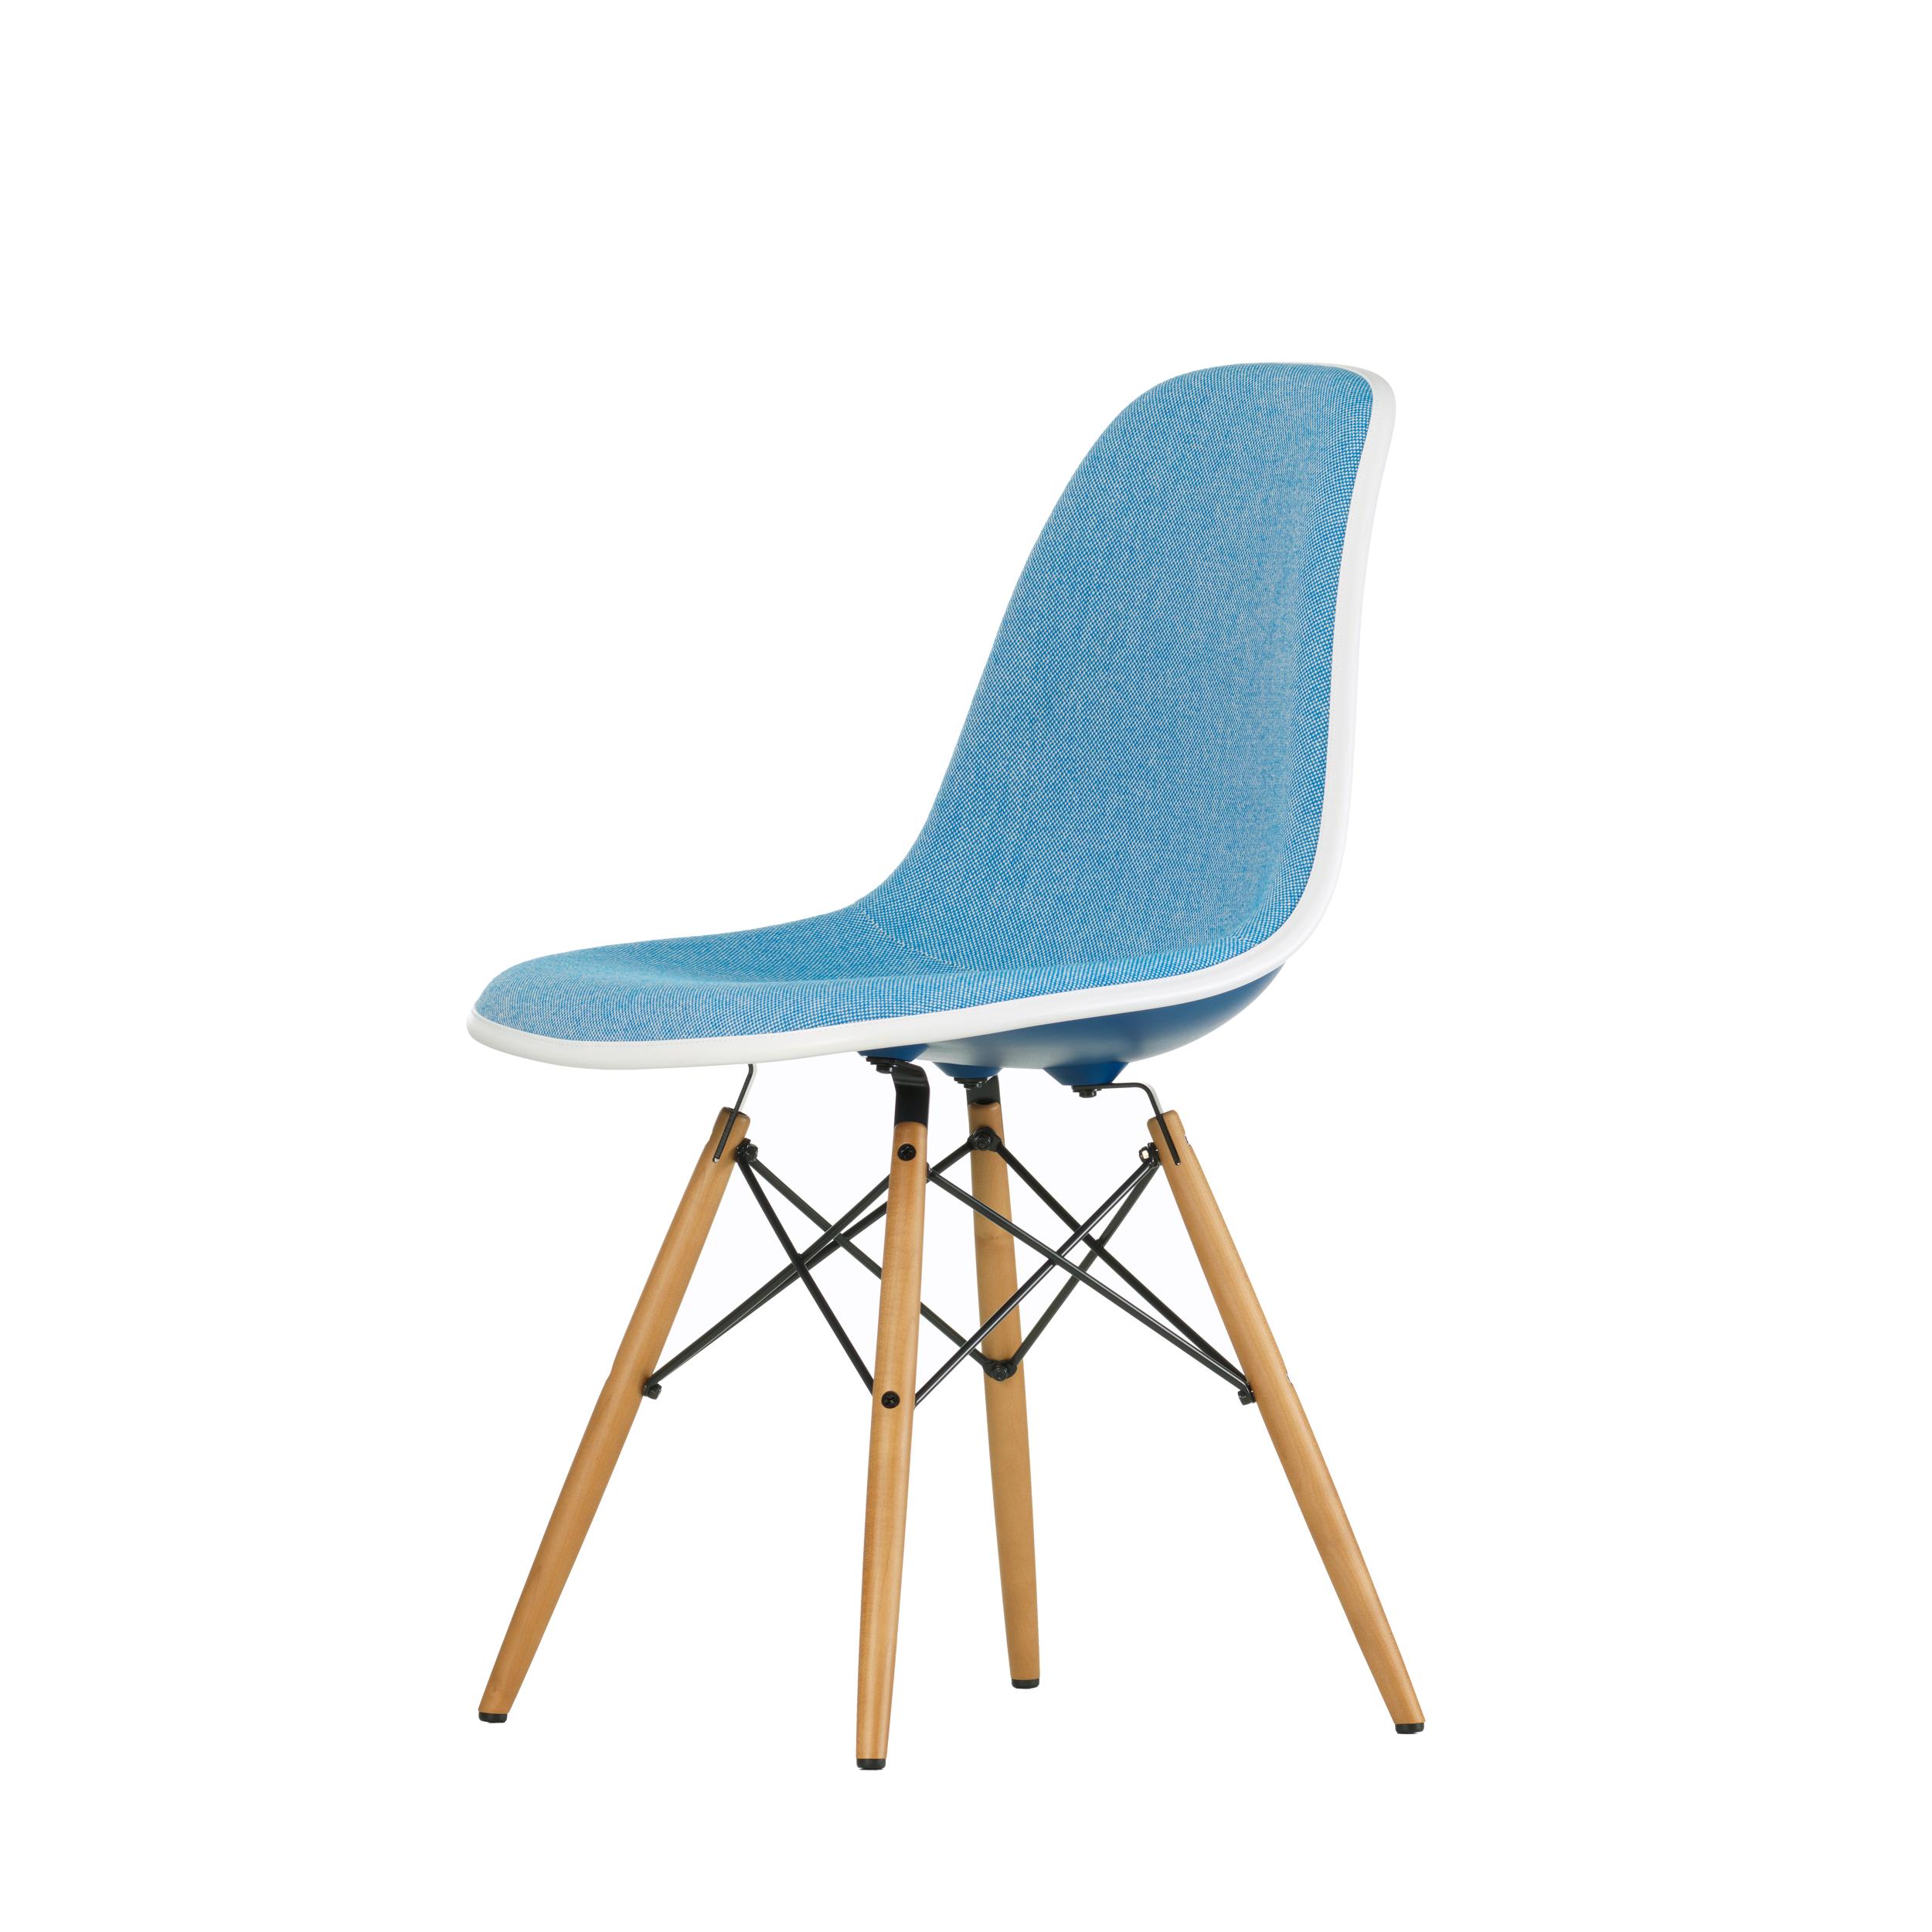 Vitra Stuhl Eames Plastic Sidechair DSW mit Polsterung